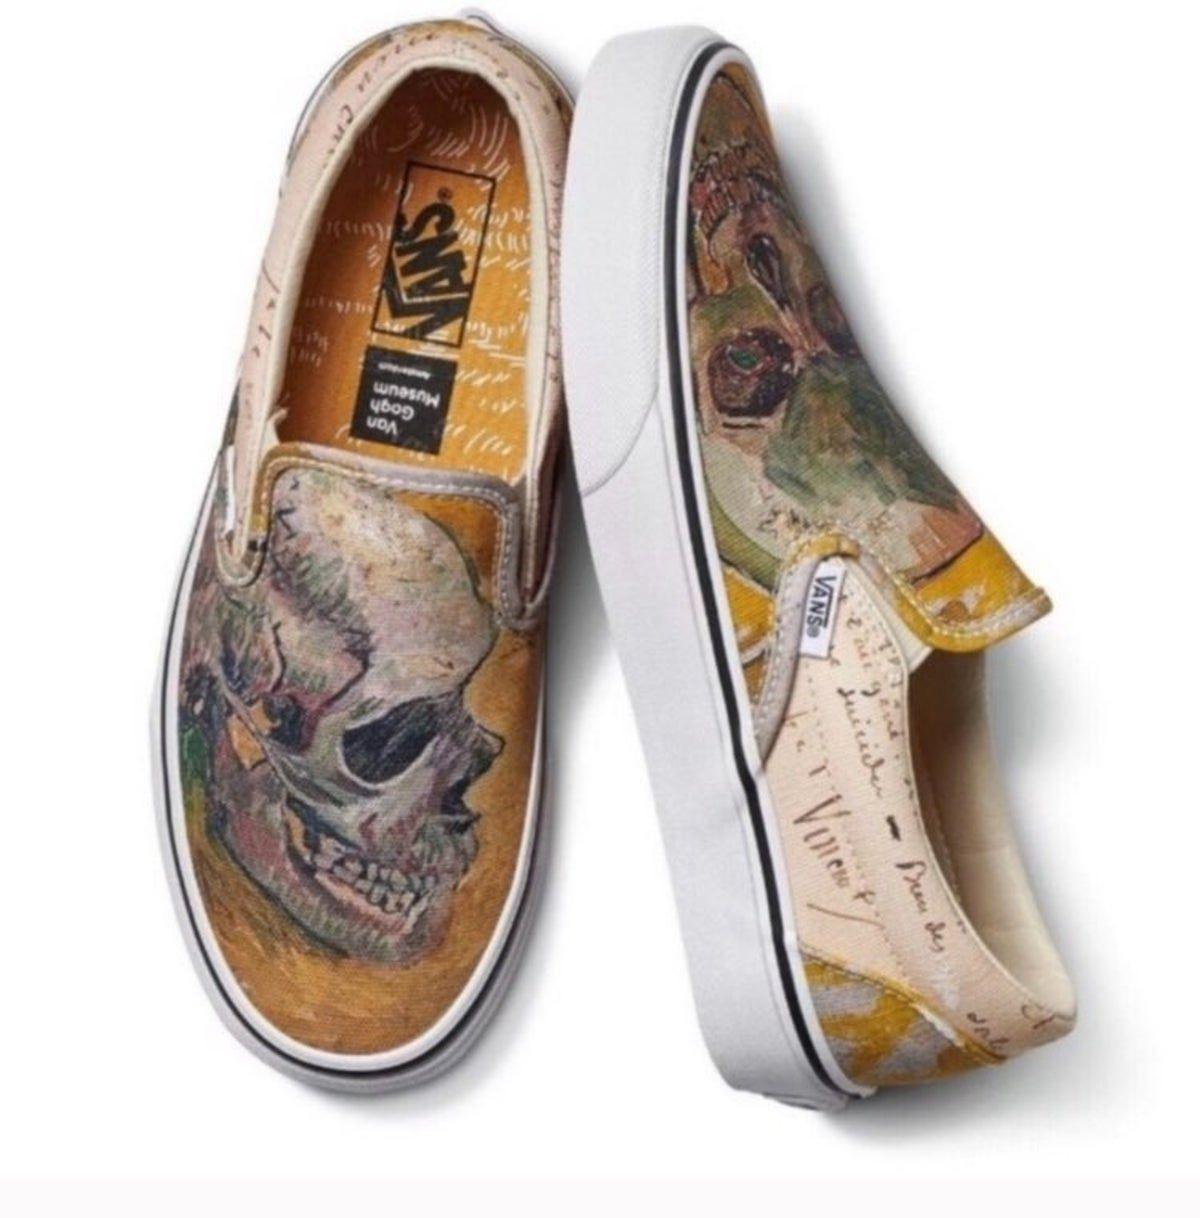 Pin By Michelle Bell On Ootd Insp In 2020 Slip On Shoes Vans Classic Slip On Sneaker Vans Slip On